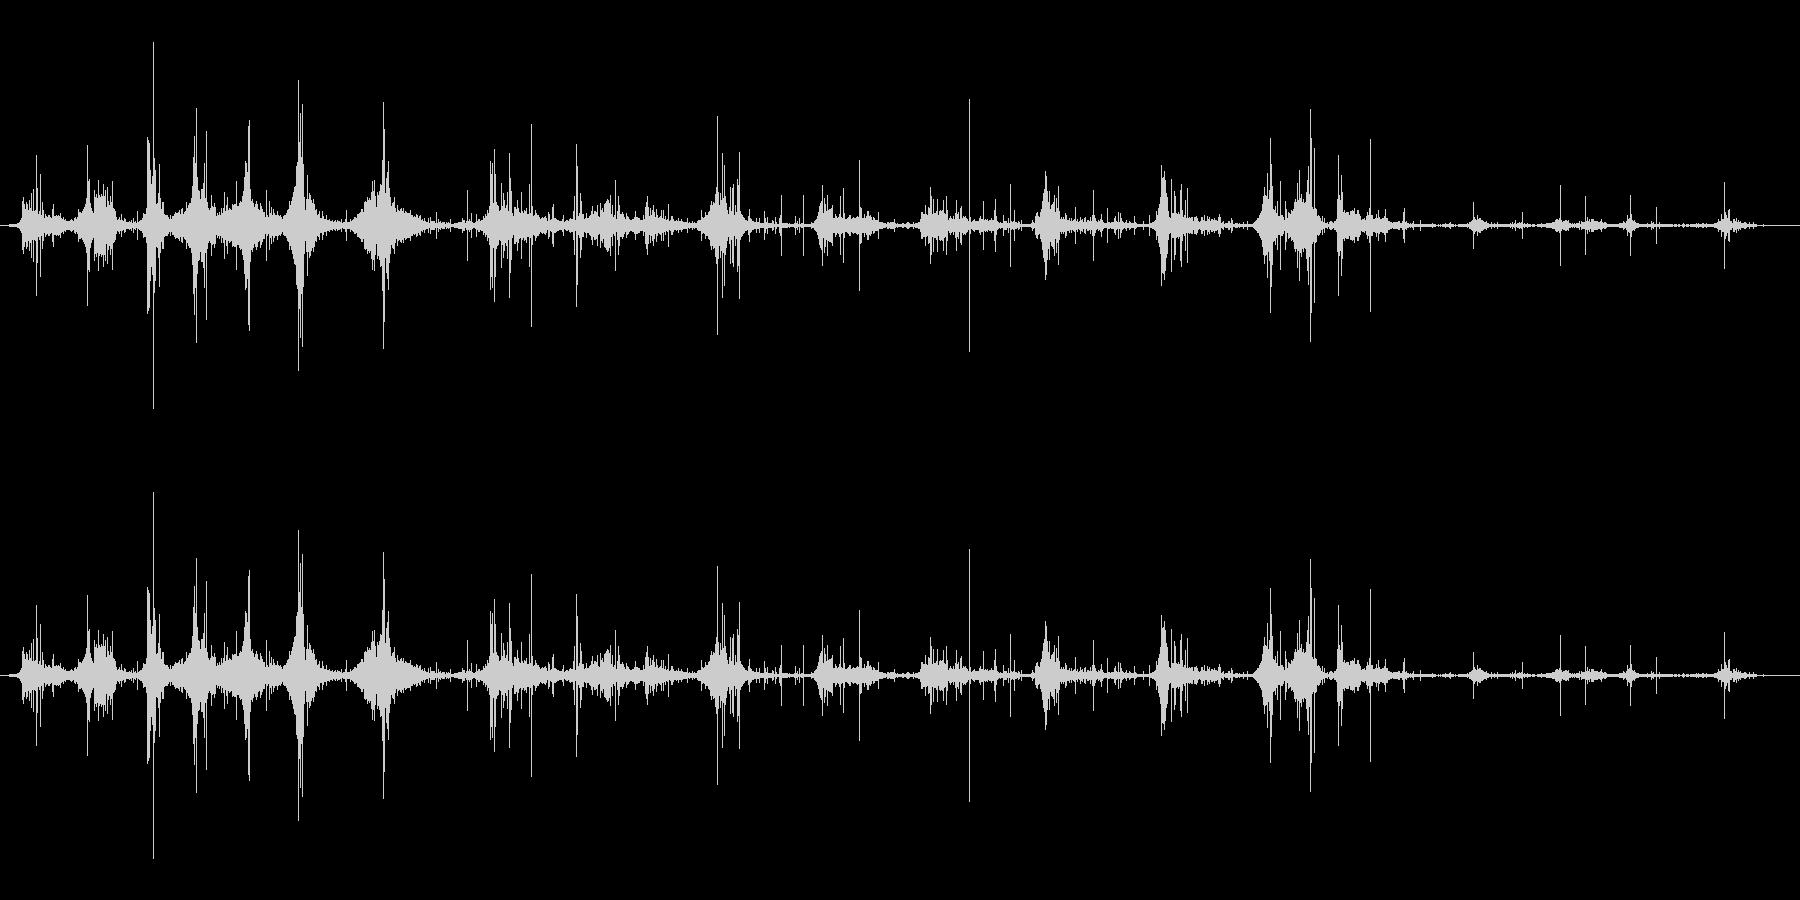 ジョグアンドウォークインダートの未再生の波形